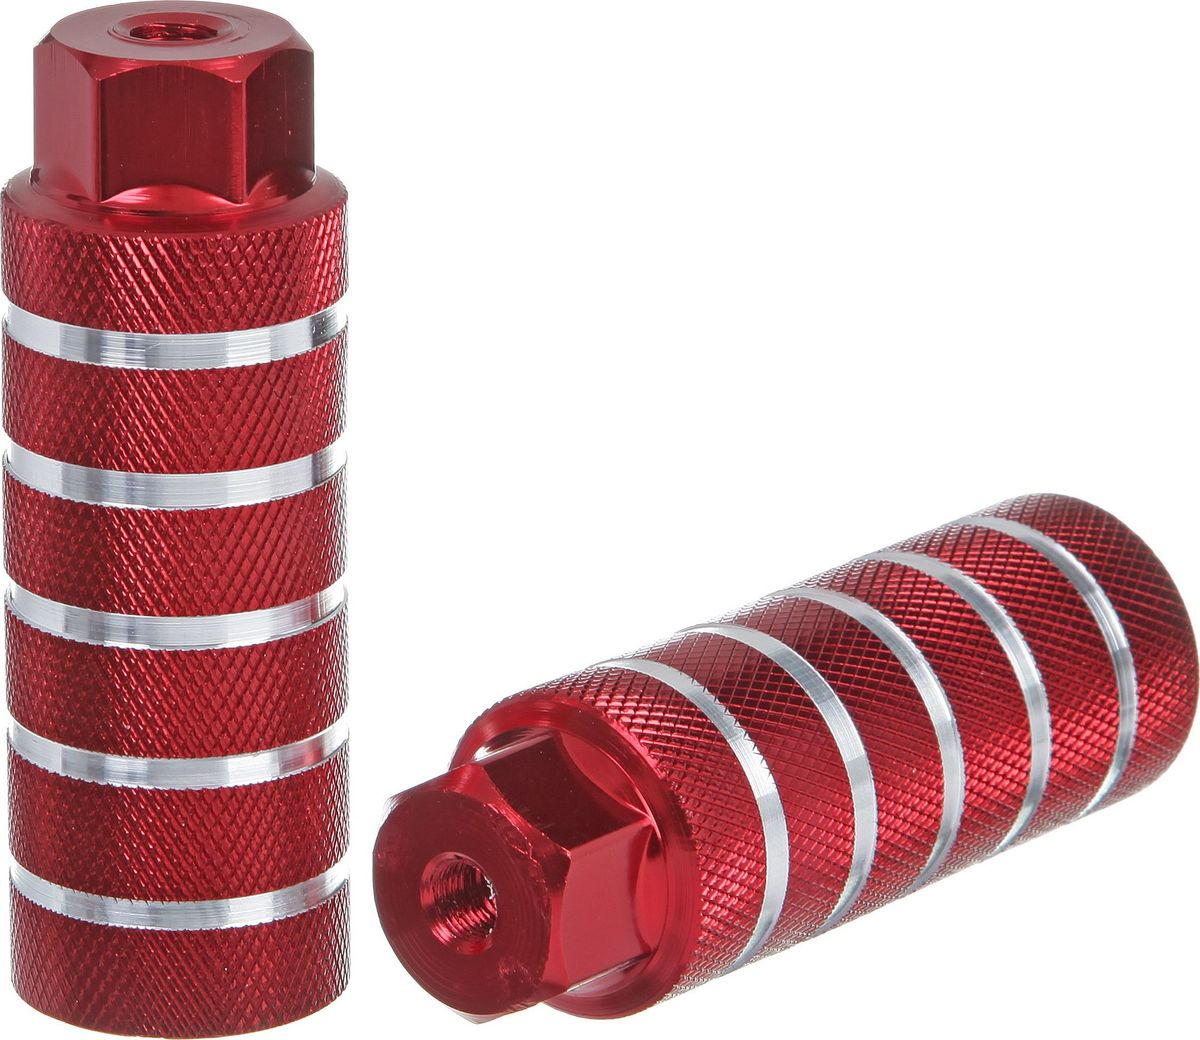 Пеги для BMX STG, цвет: красный, серебристый, диаметр 3,8 см, длина 10 см, 2 штХ73981-5Пеги для BMX STG, выполненные из алюминия, предназначены исключительно для трюков и крепятся на крепкие стальные болты, так как должны выдерживать вес не только велосипедиста, который может опираться на пегу во время выполнения трюка, но и еще и массу самого велосипеда.Ось велосипеда: 3/8.Гид по велоаксессуарам. Статья OZON Гид